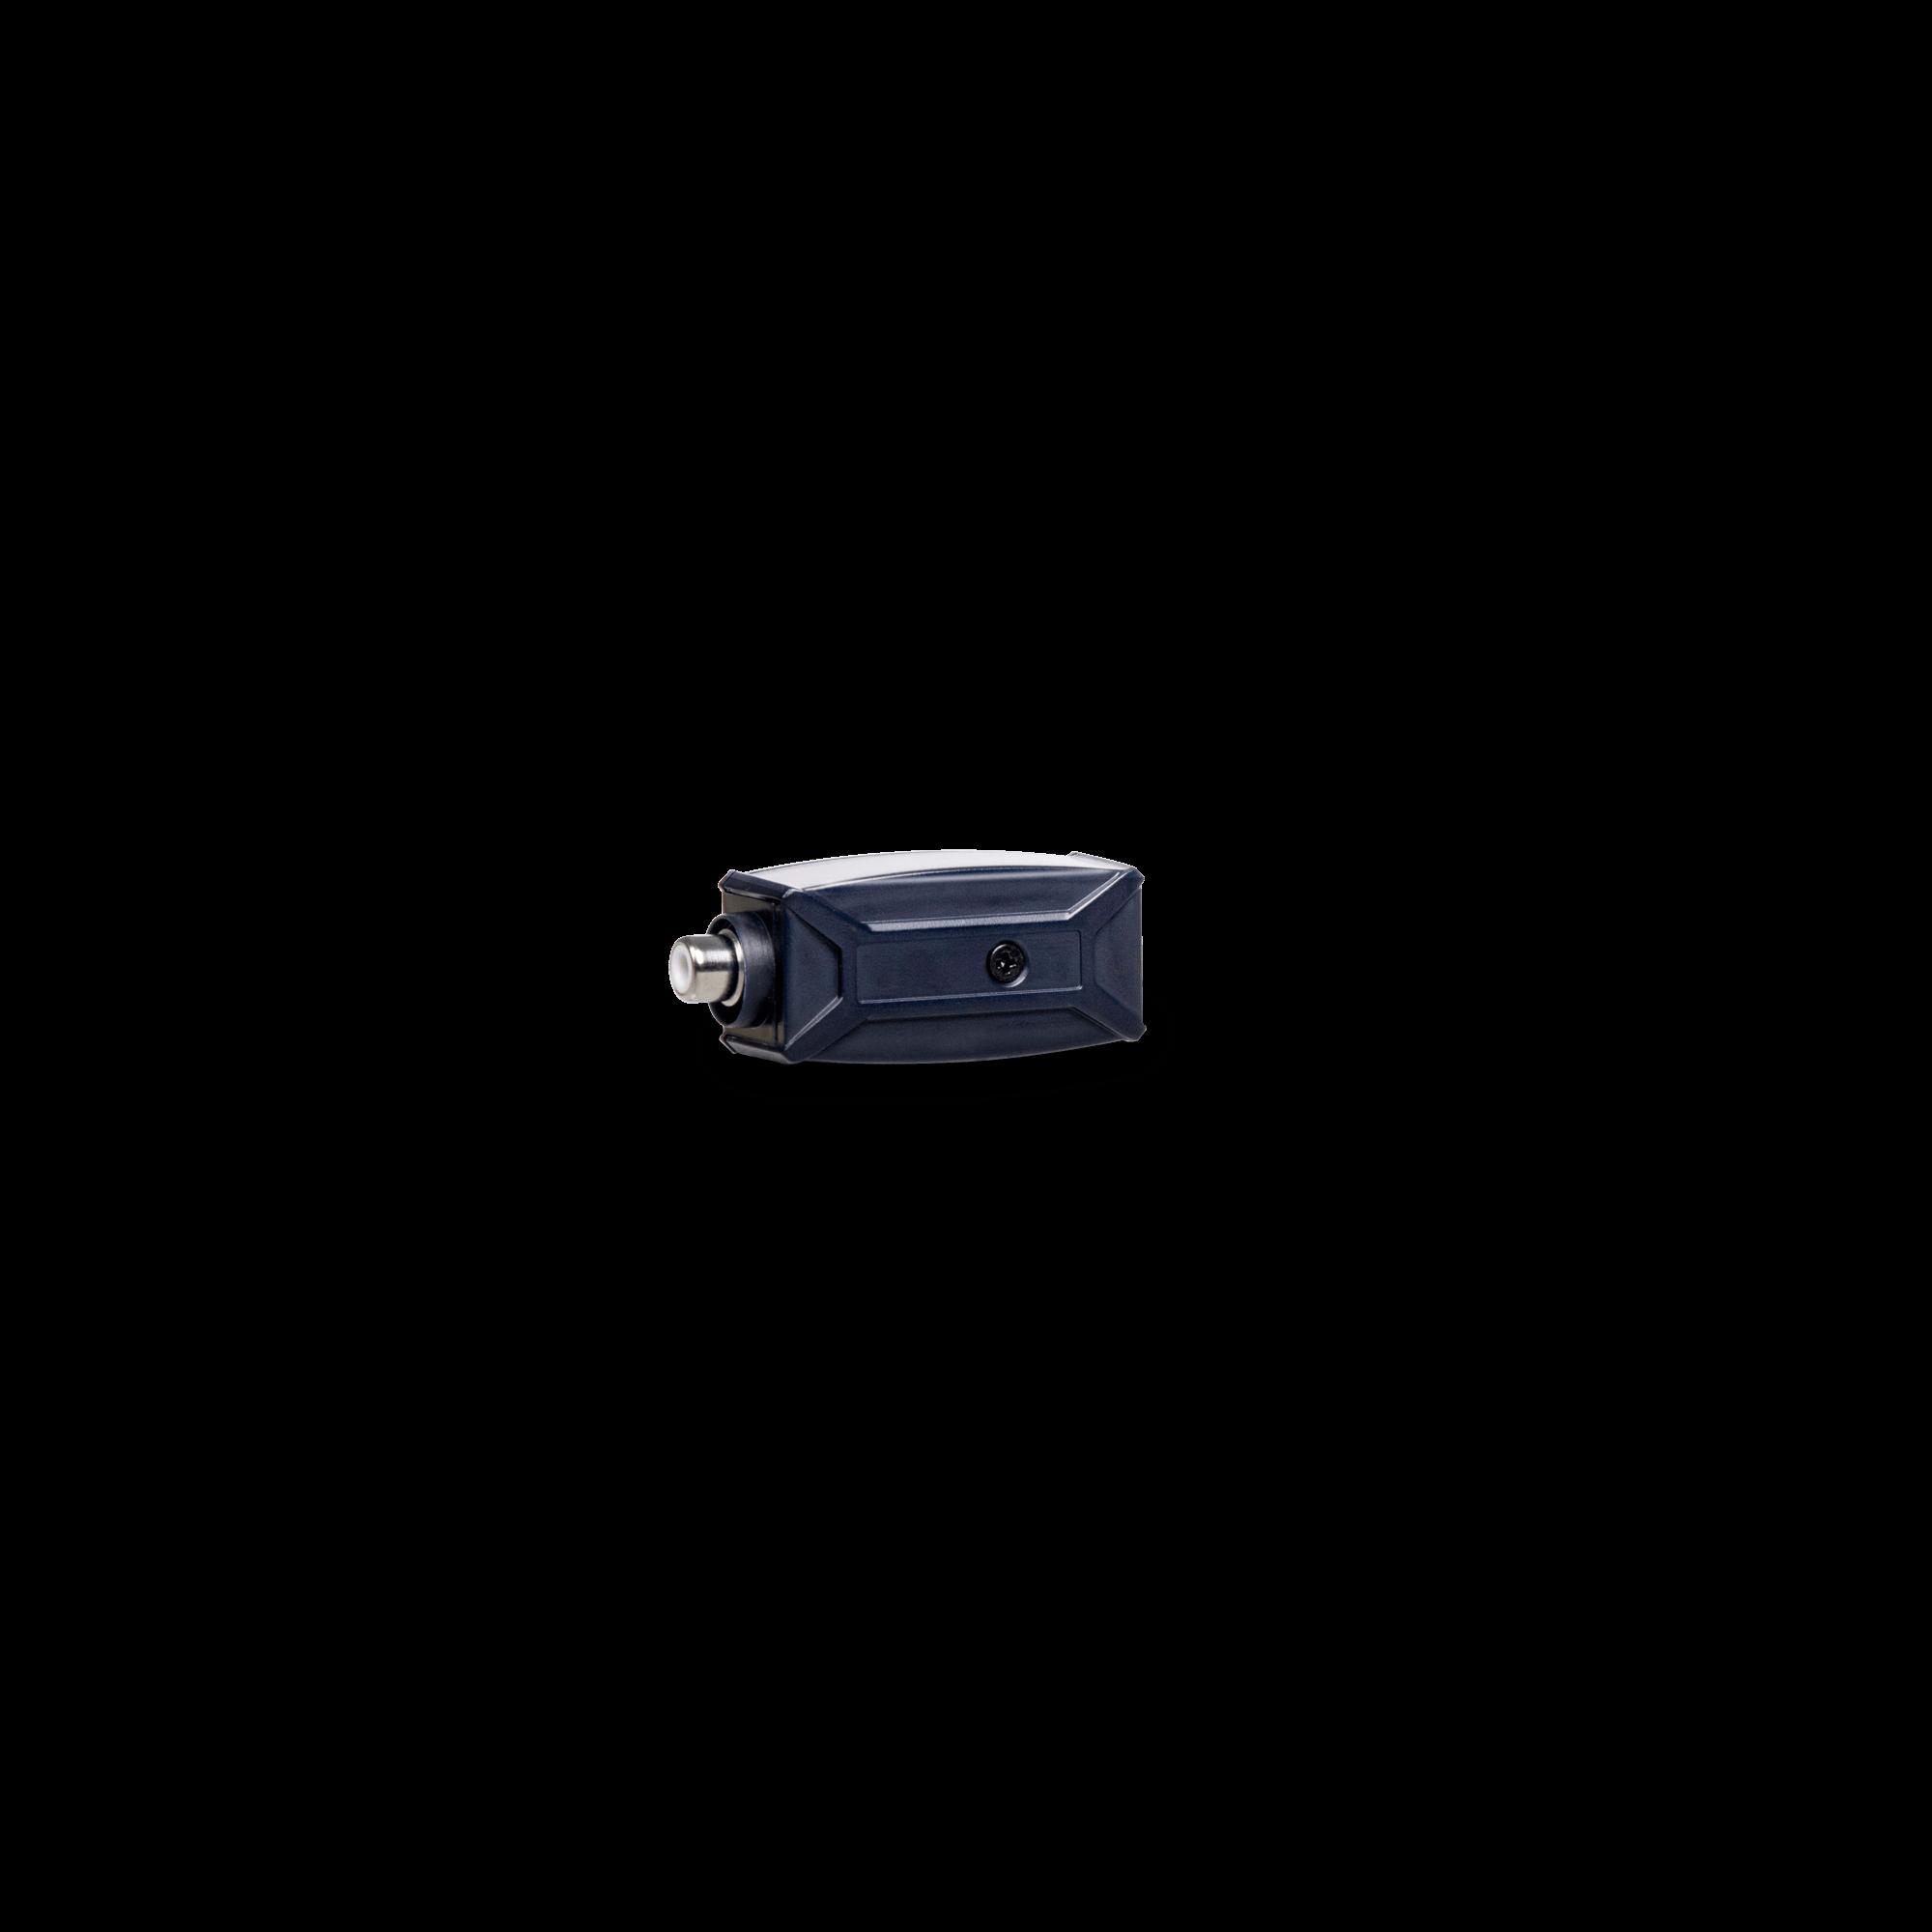 Analog Audio CAT5e Extender